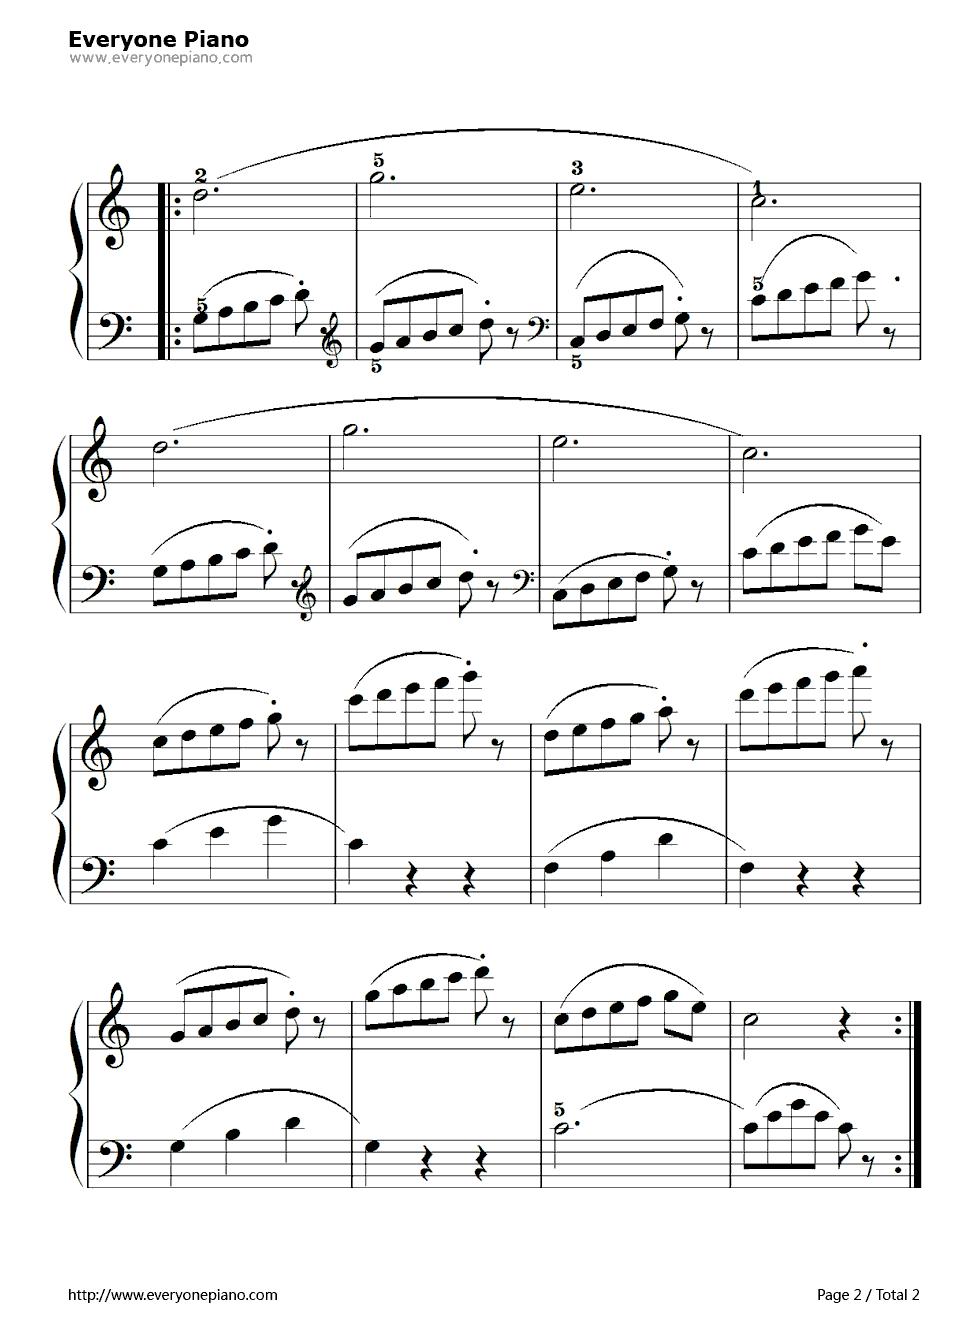 网站首页 钢琴曲谱 练习曲 孩子们的拜厄62 >> 孩子们的拜厄62五线谱